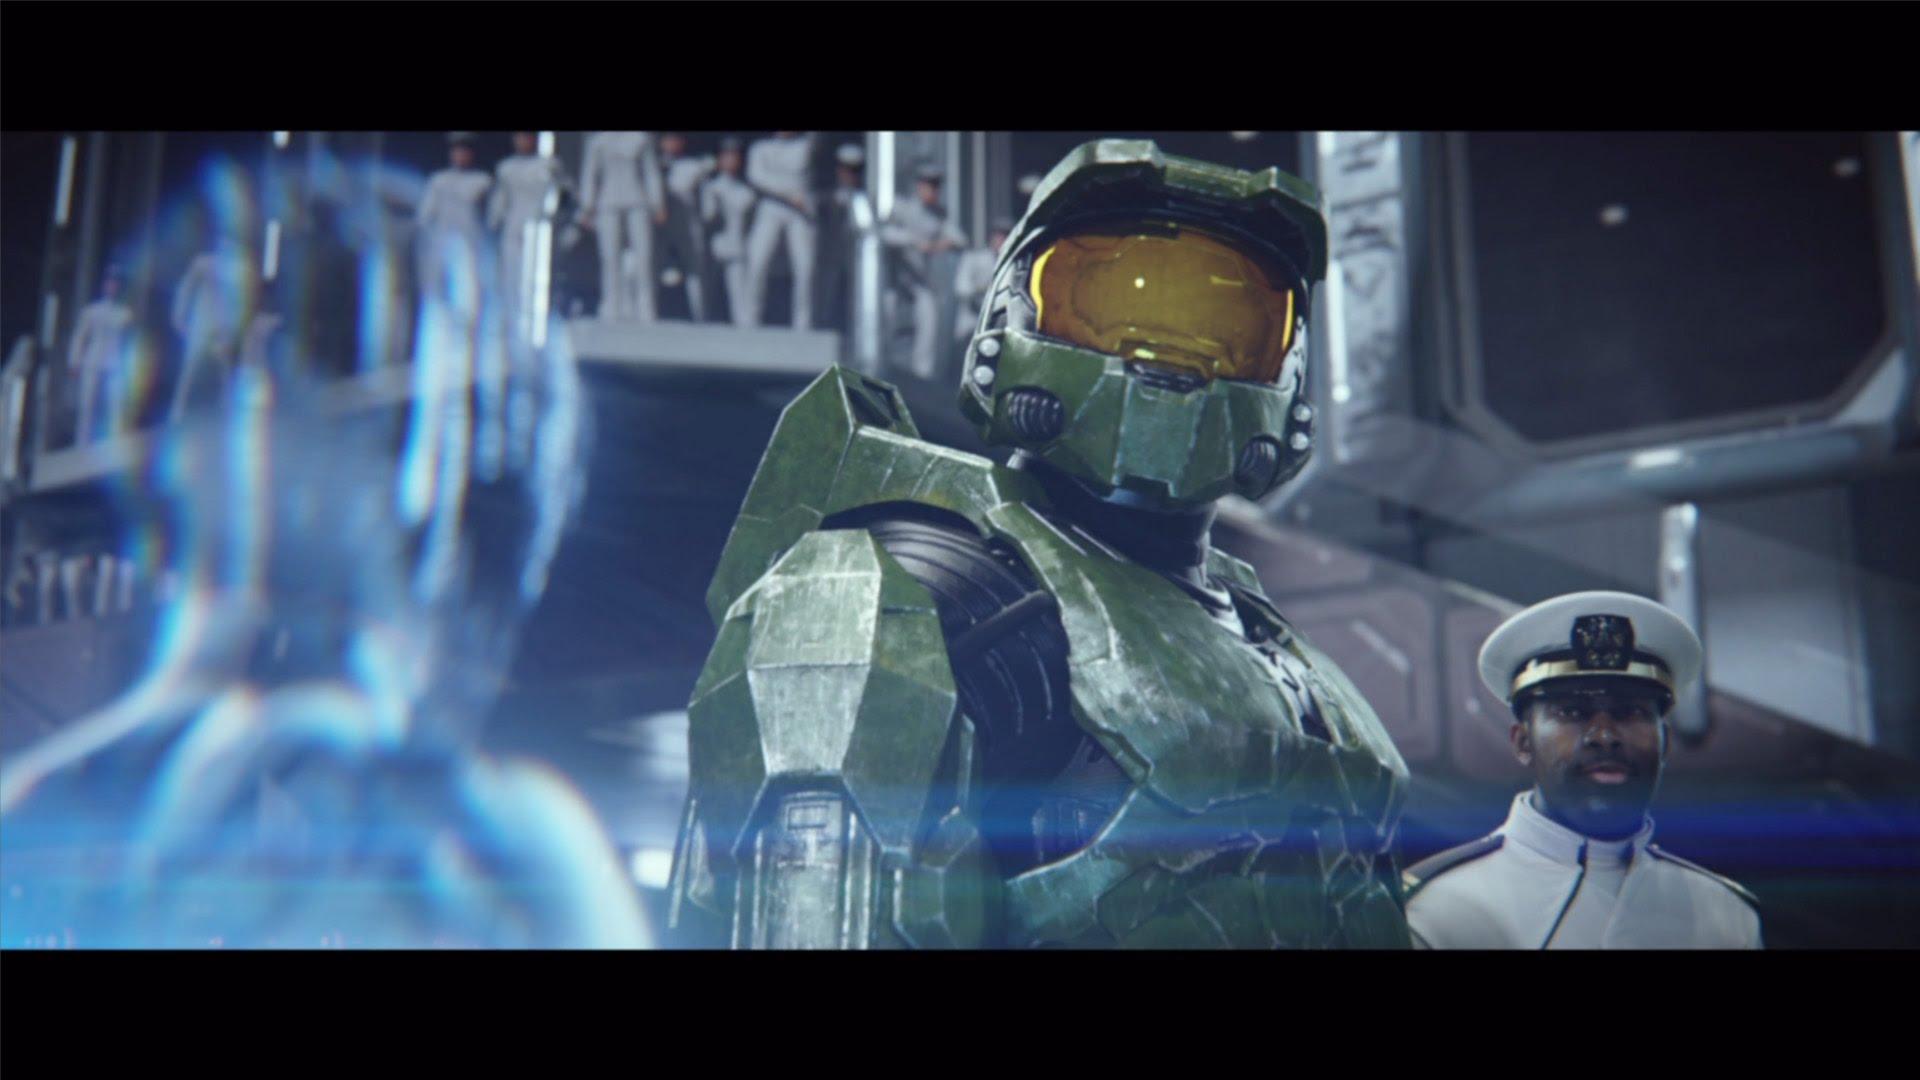 『Halo: The Master Chief Collection』シネマティックトレーラー、実写トレーラー、キャンペーン&マルチプレイデモ、計6本の最新映像が一挙公開